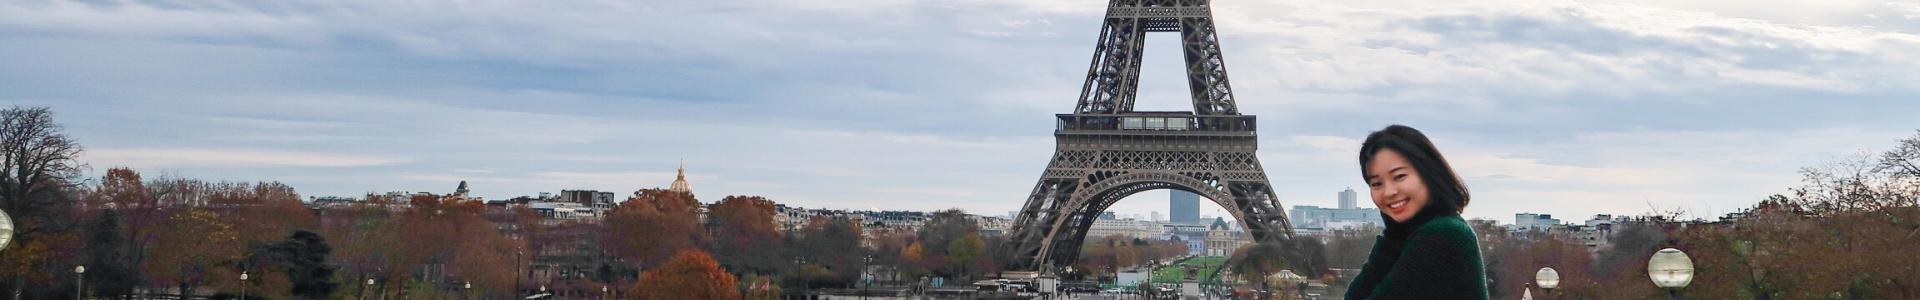 Bonjour, Paris! - France